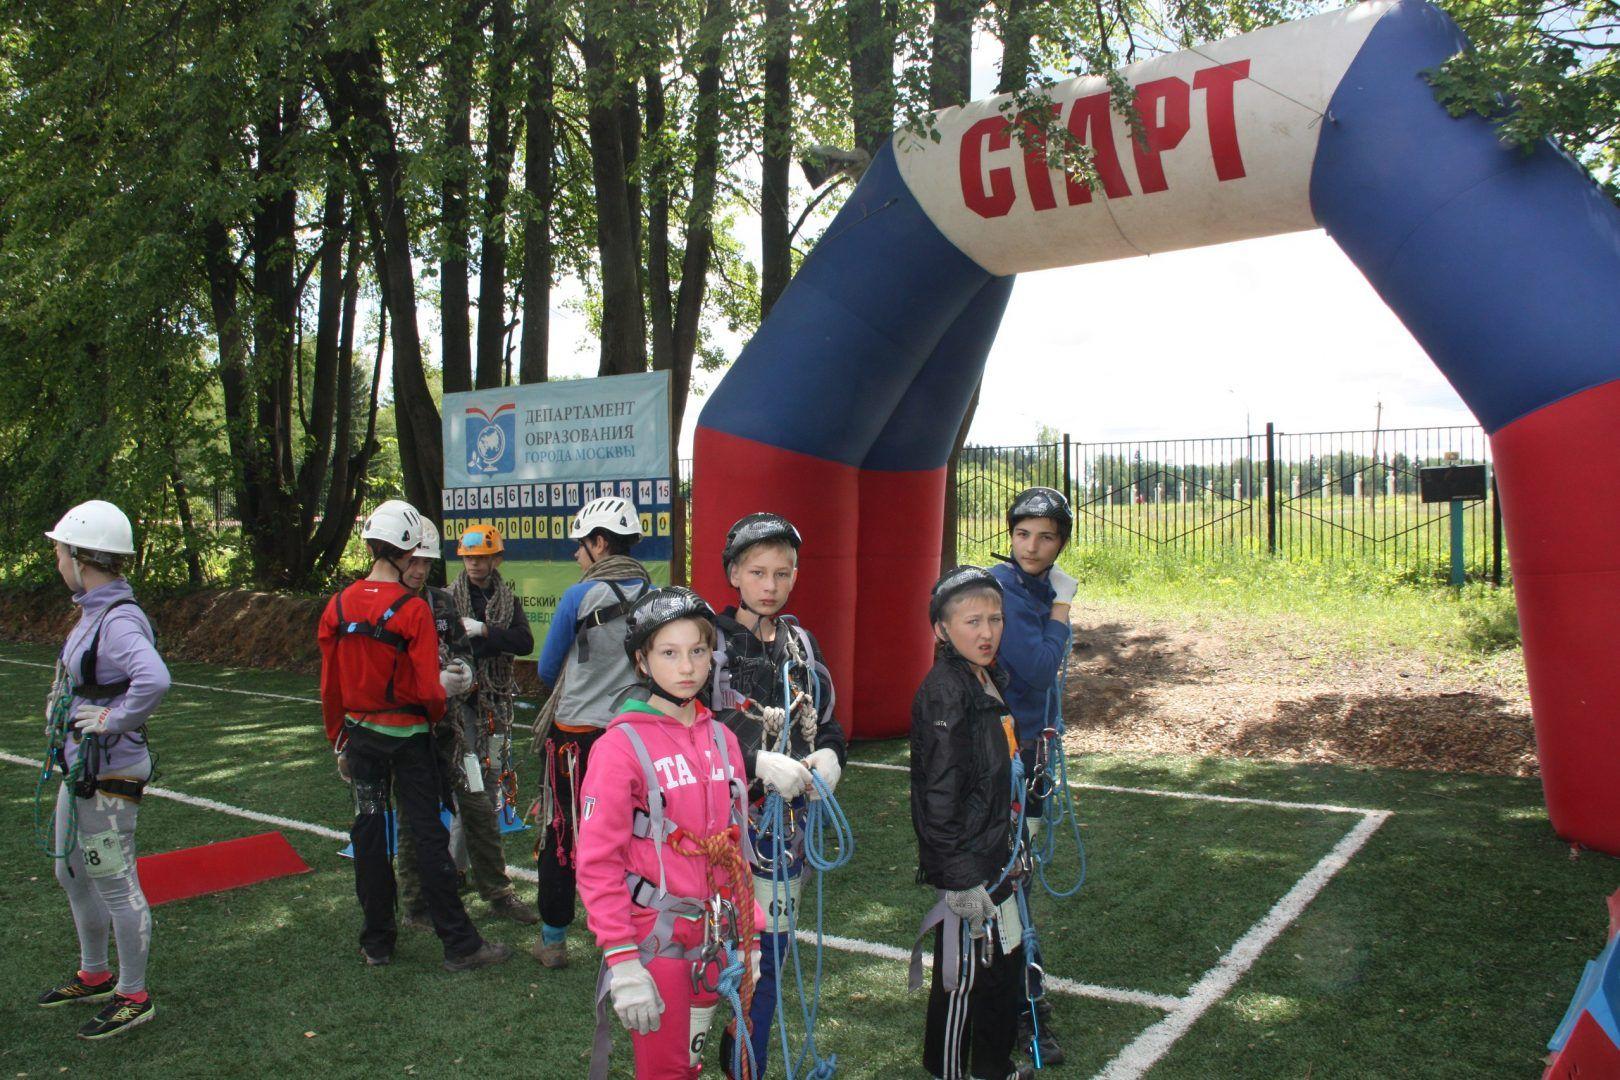 турнир позволил активистам подготовиться к будущему походу. Фото: официальная страница спортивного клуба «Ибрис» в социальных сетях